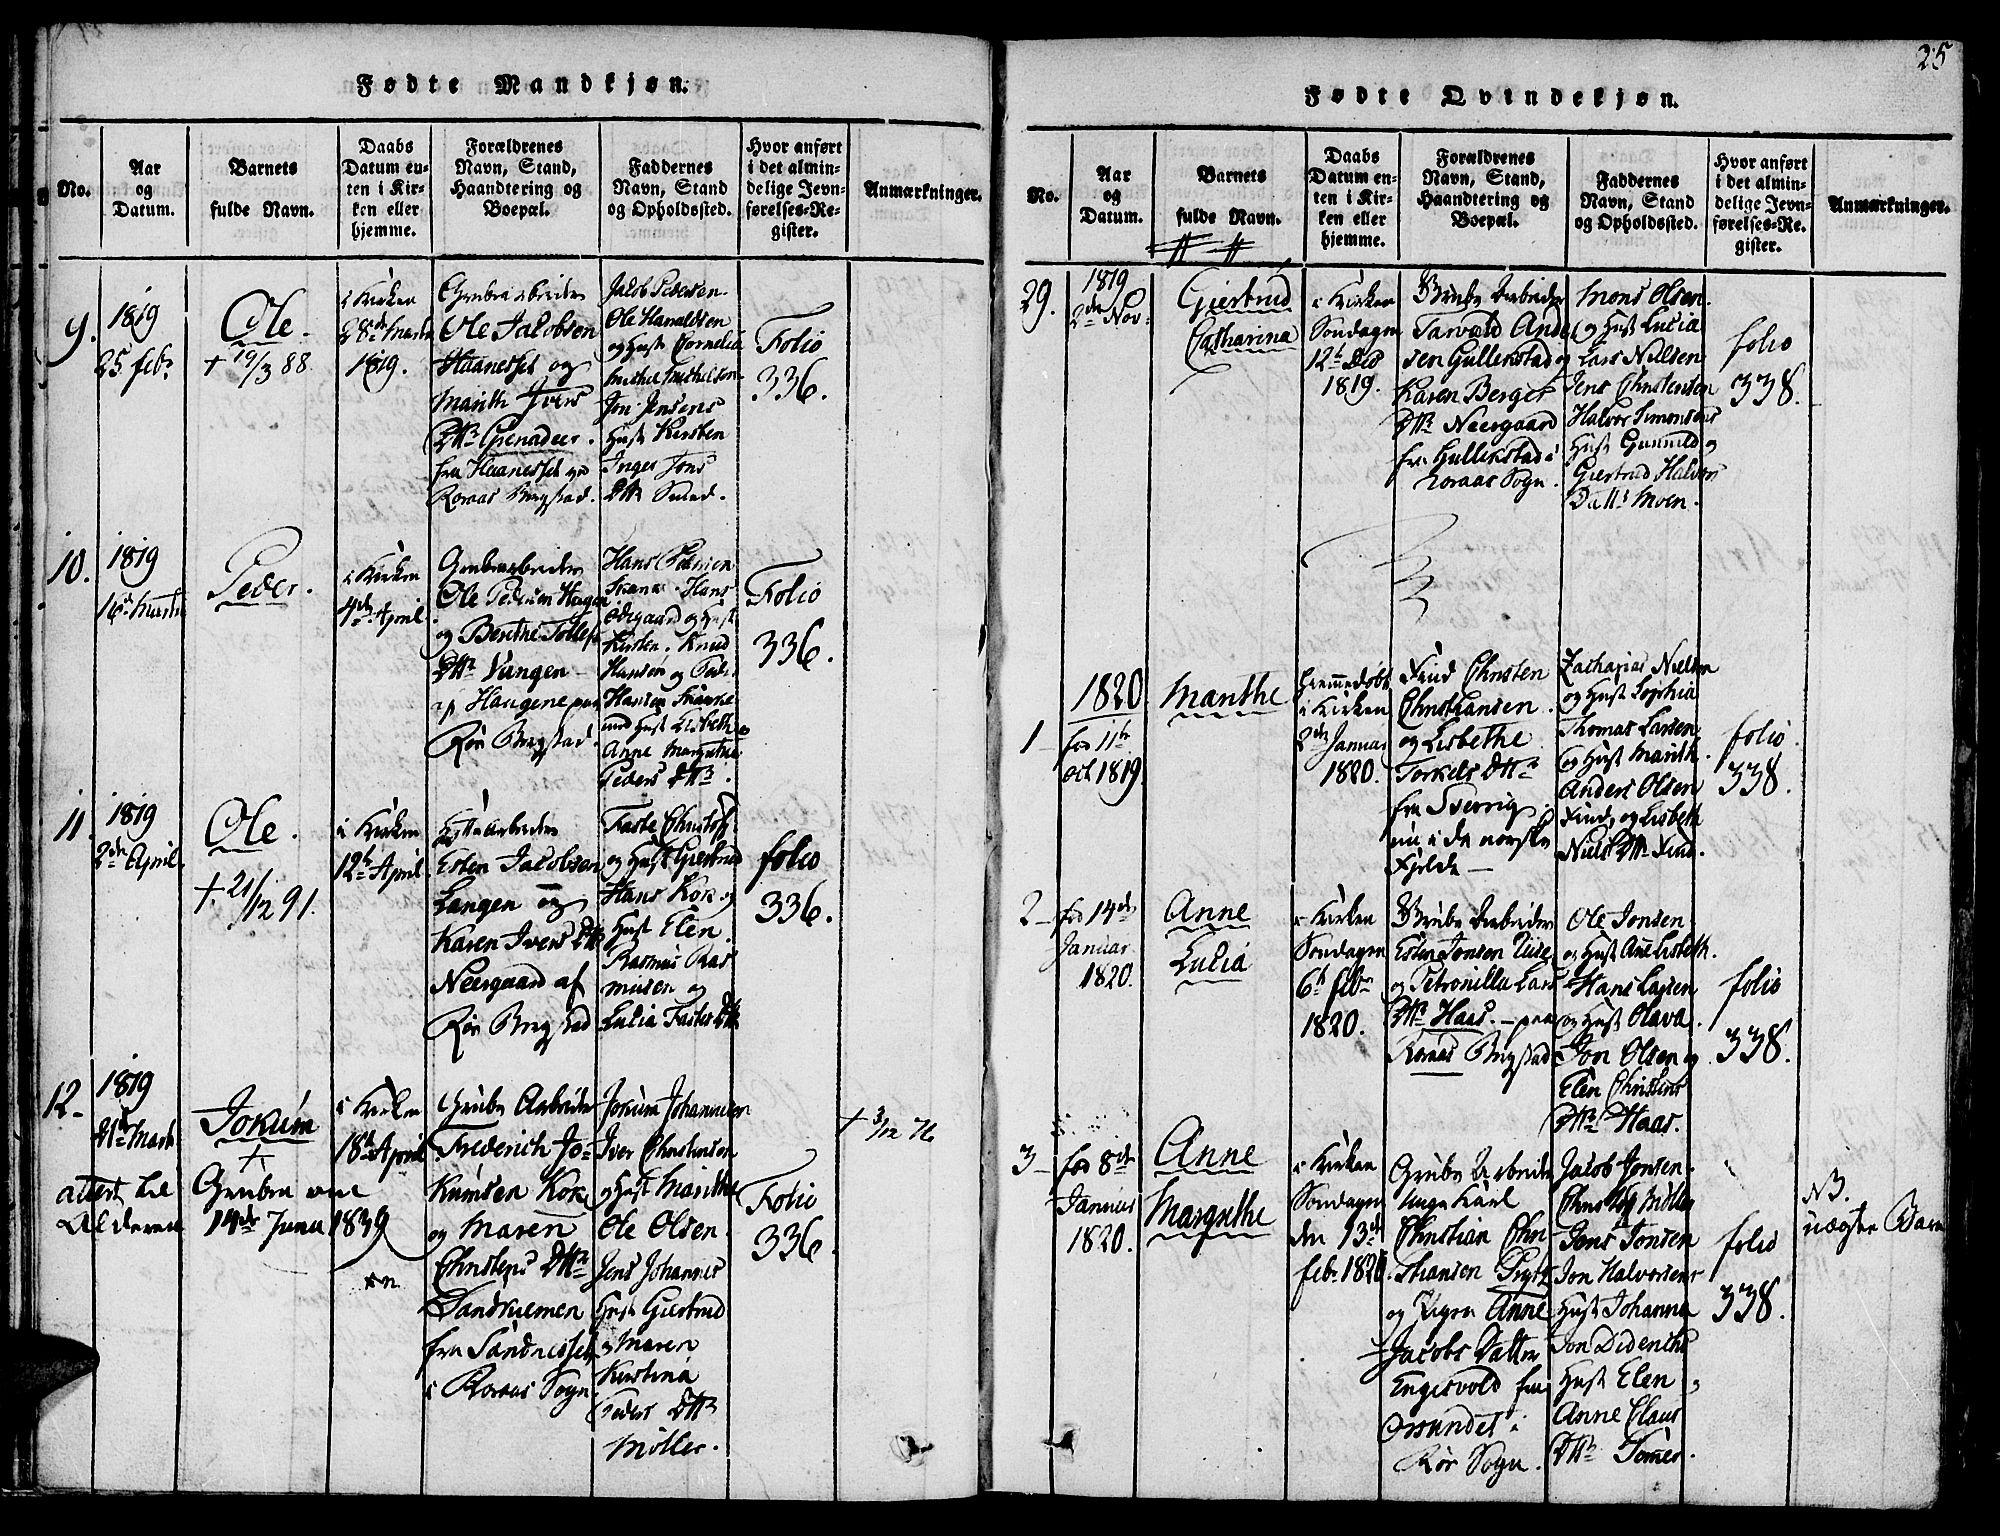 SAT, Ministerialprotokoller, klokkerbøker og fødselsregistre - Sør-Trøndelag, 681/L0929: Ministerialbok nr. 681A07, 1817-1828, s. 25